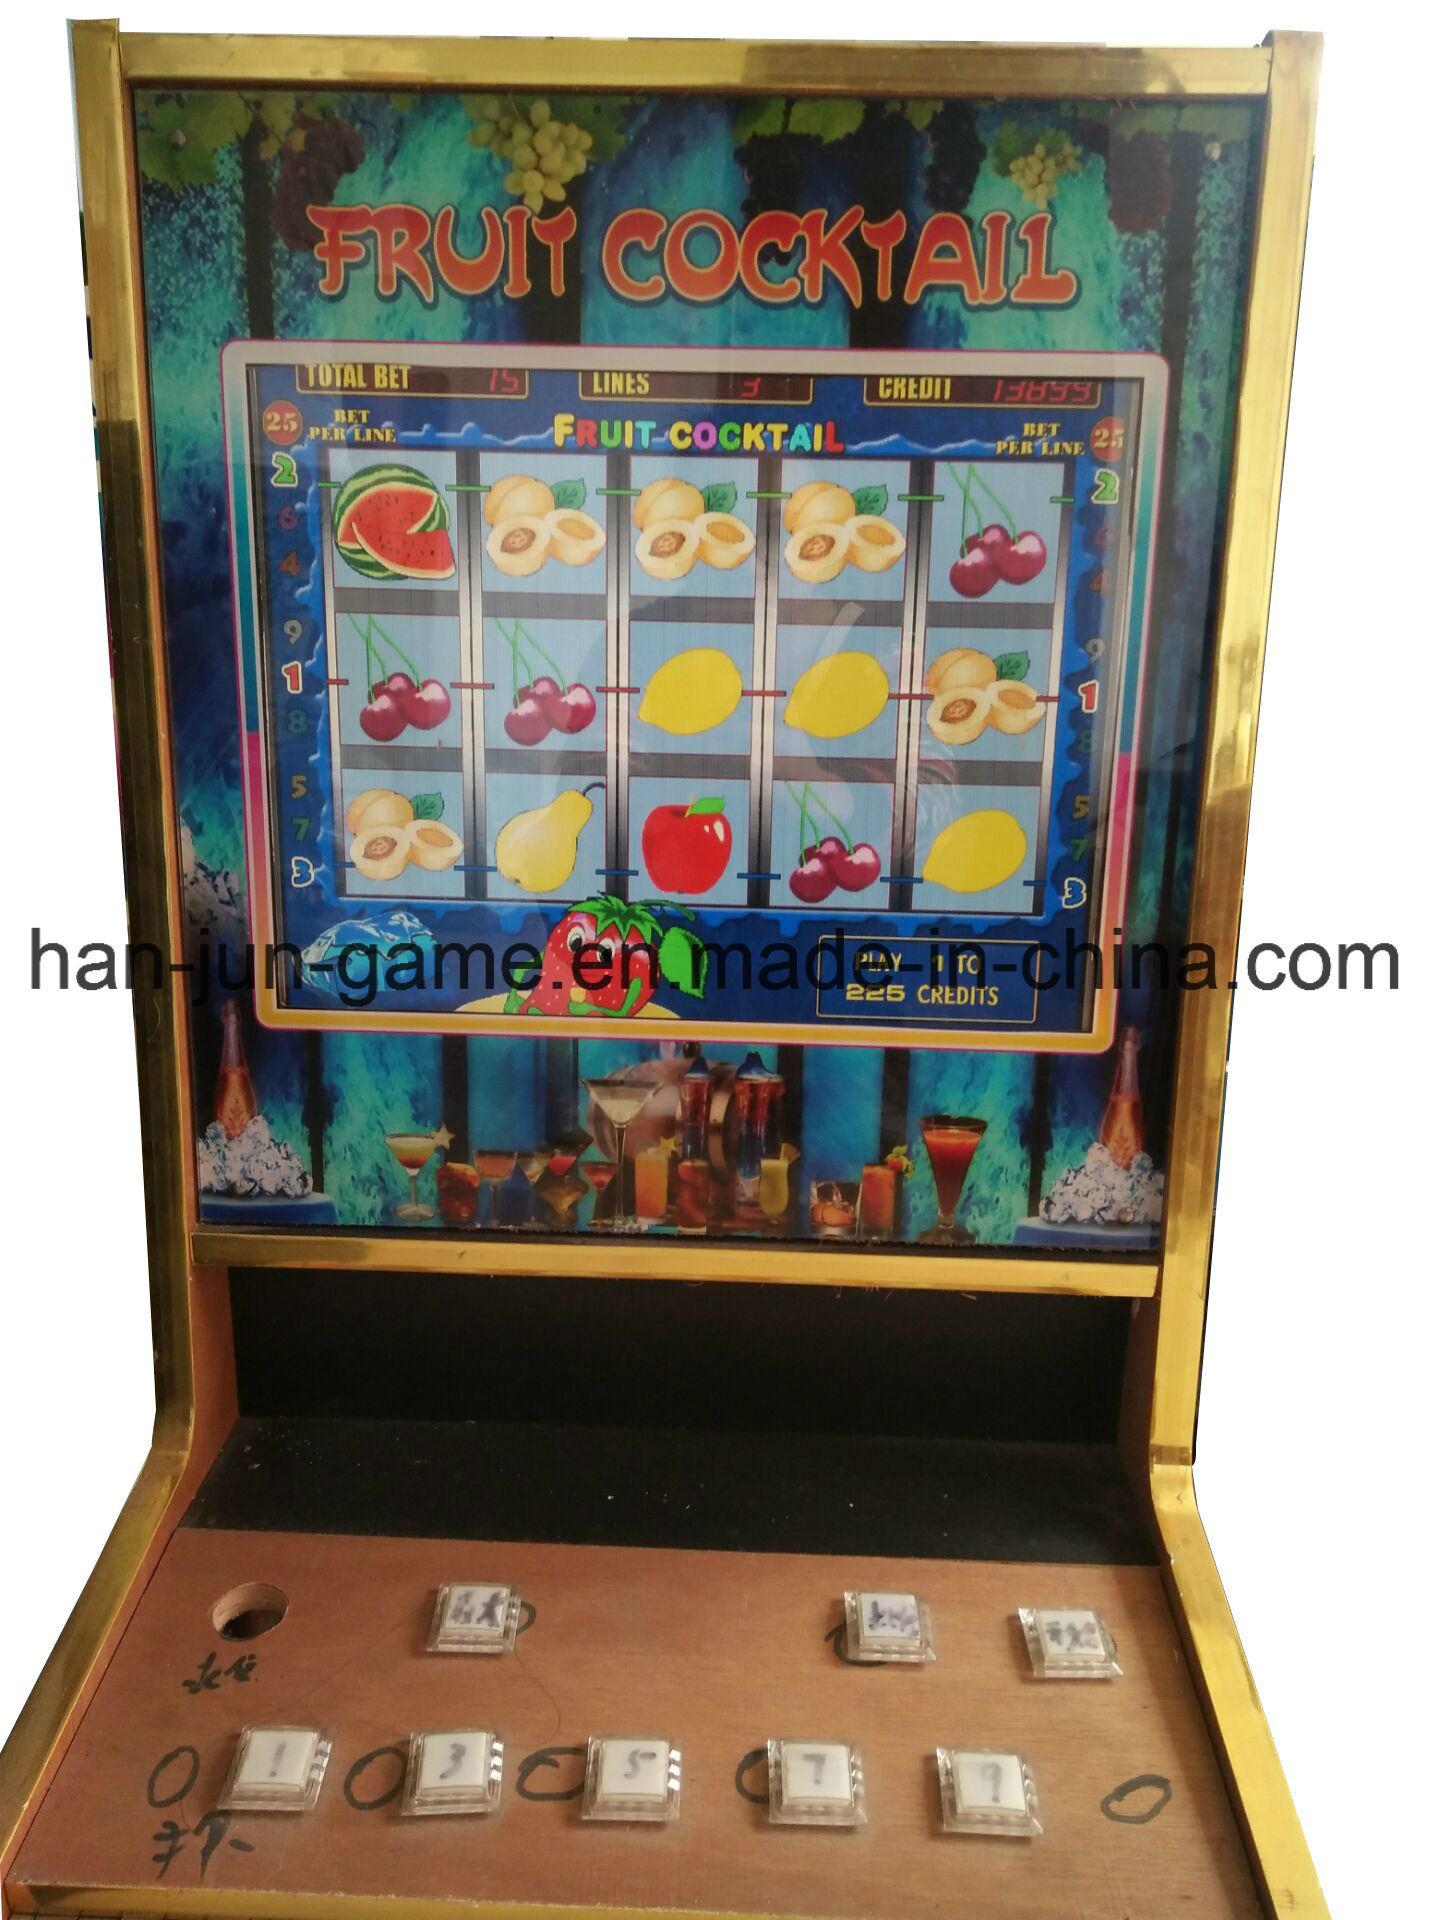 Играть в gaminator онлайн